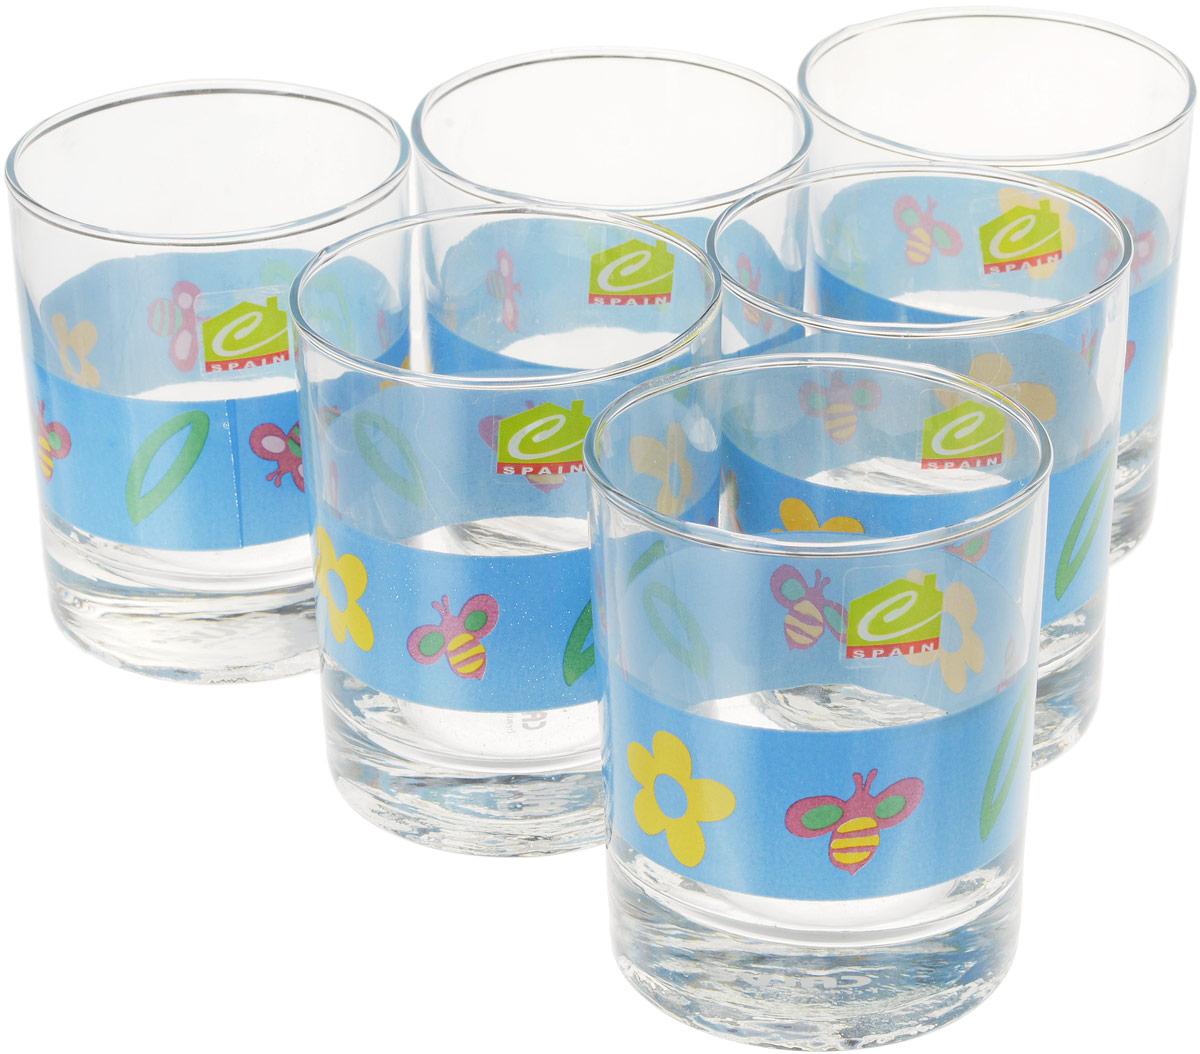 Набор стаканов Calve, цвет: синий 280 мл, 6 шт набор одноразовых стаканов buffet biсolor цвет оранжевый желтый 200 мл 6 шт